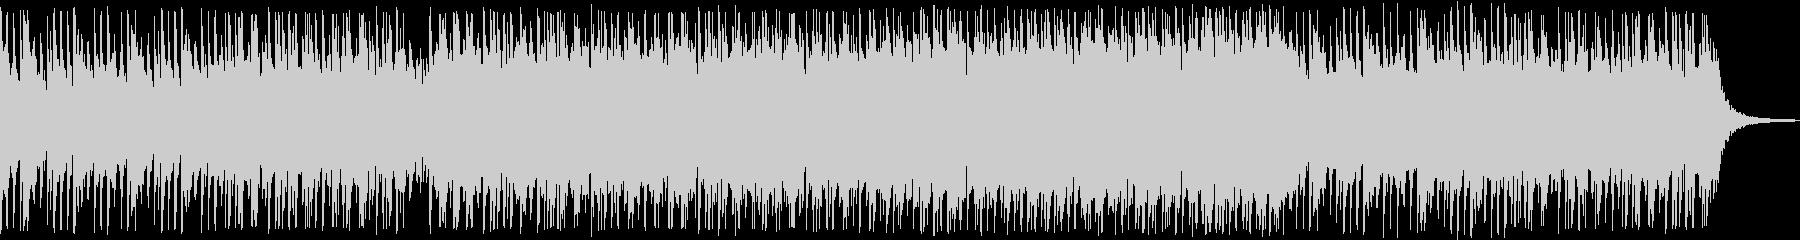 日本的な曲調が印象的なBGMの未再生の波形